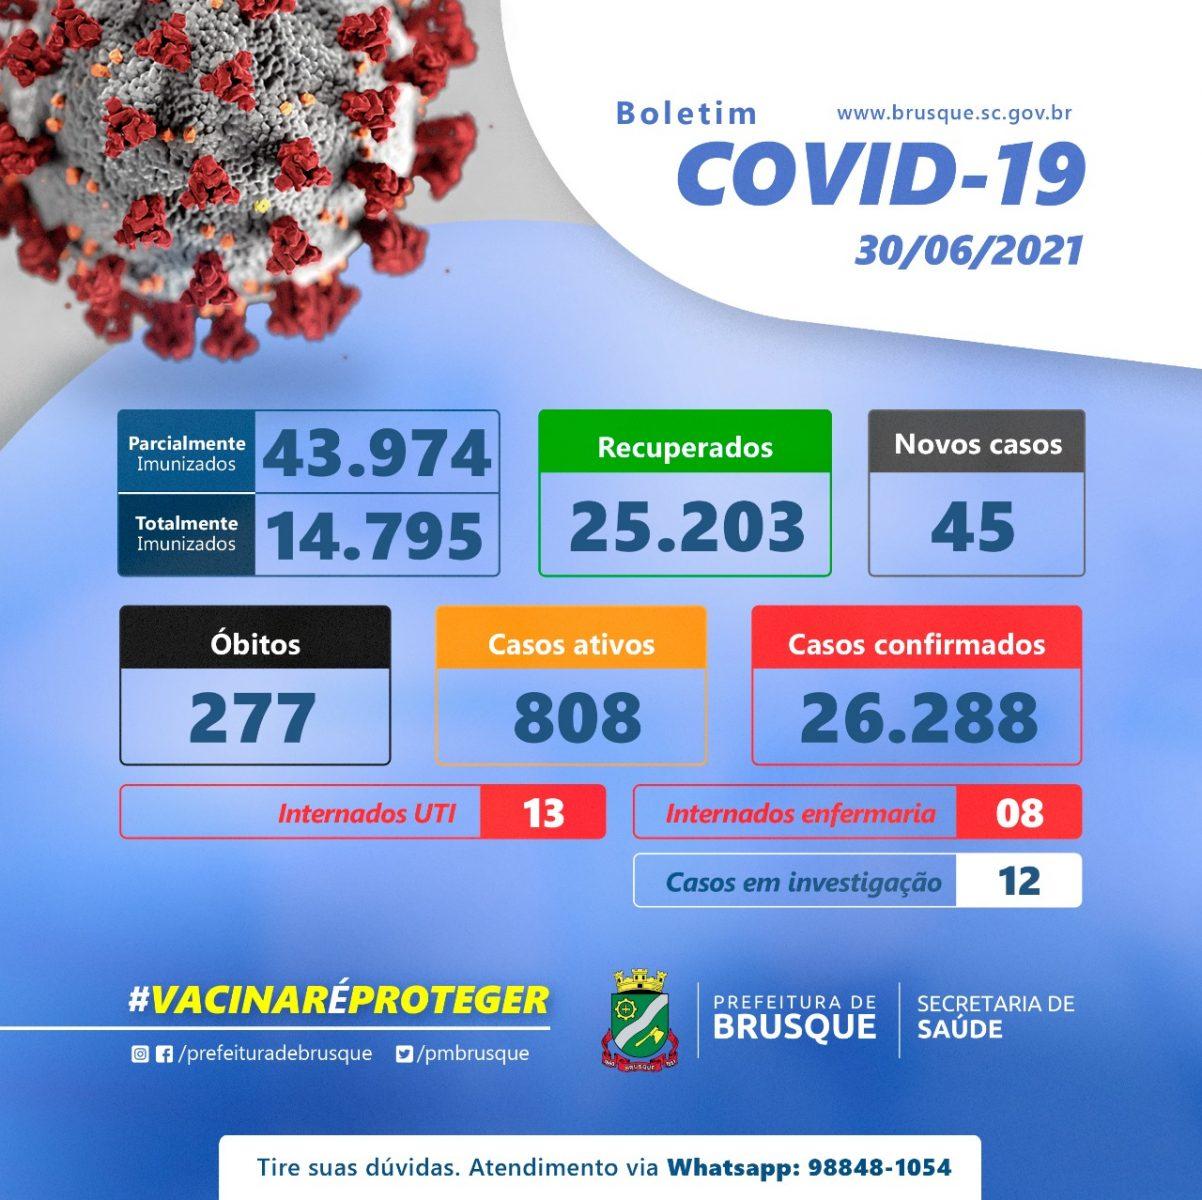 Covid-19: Confira o boletim epidemiológico desta quarta-feira (30)